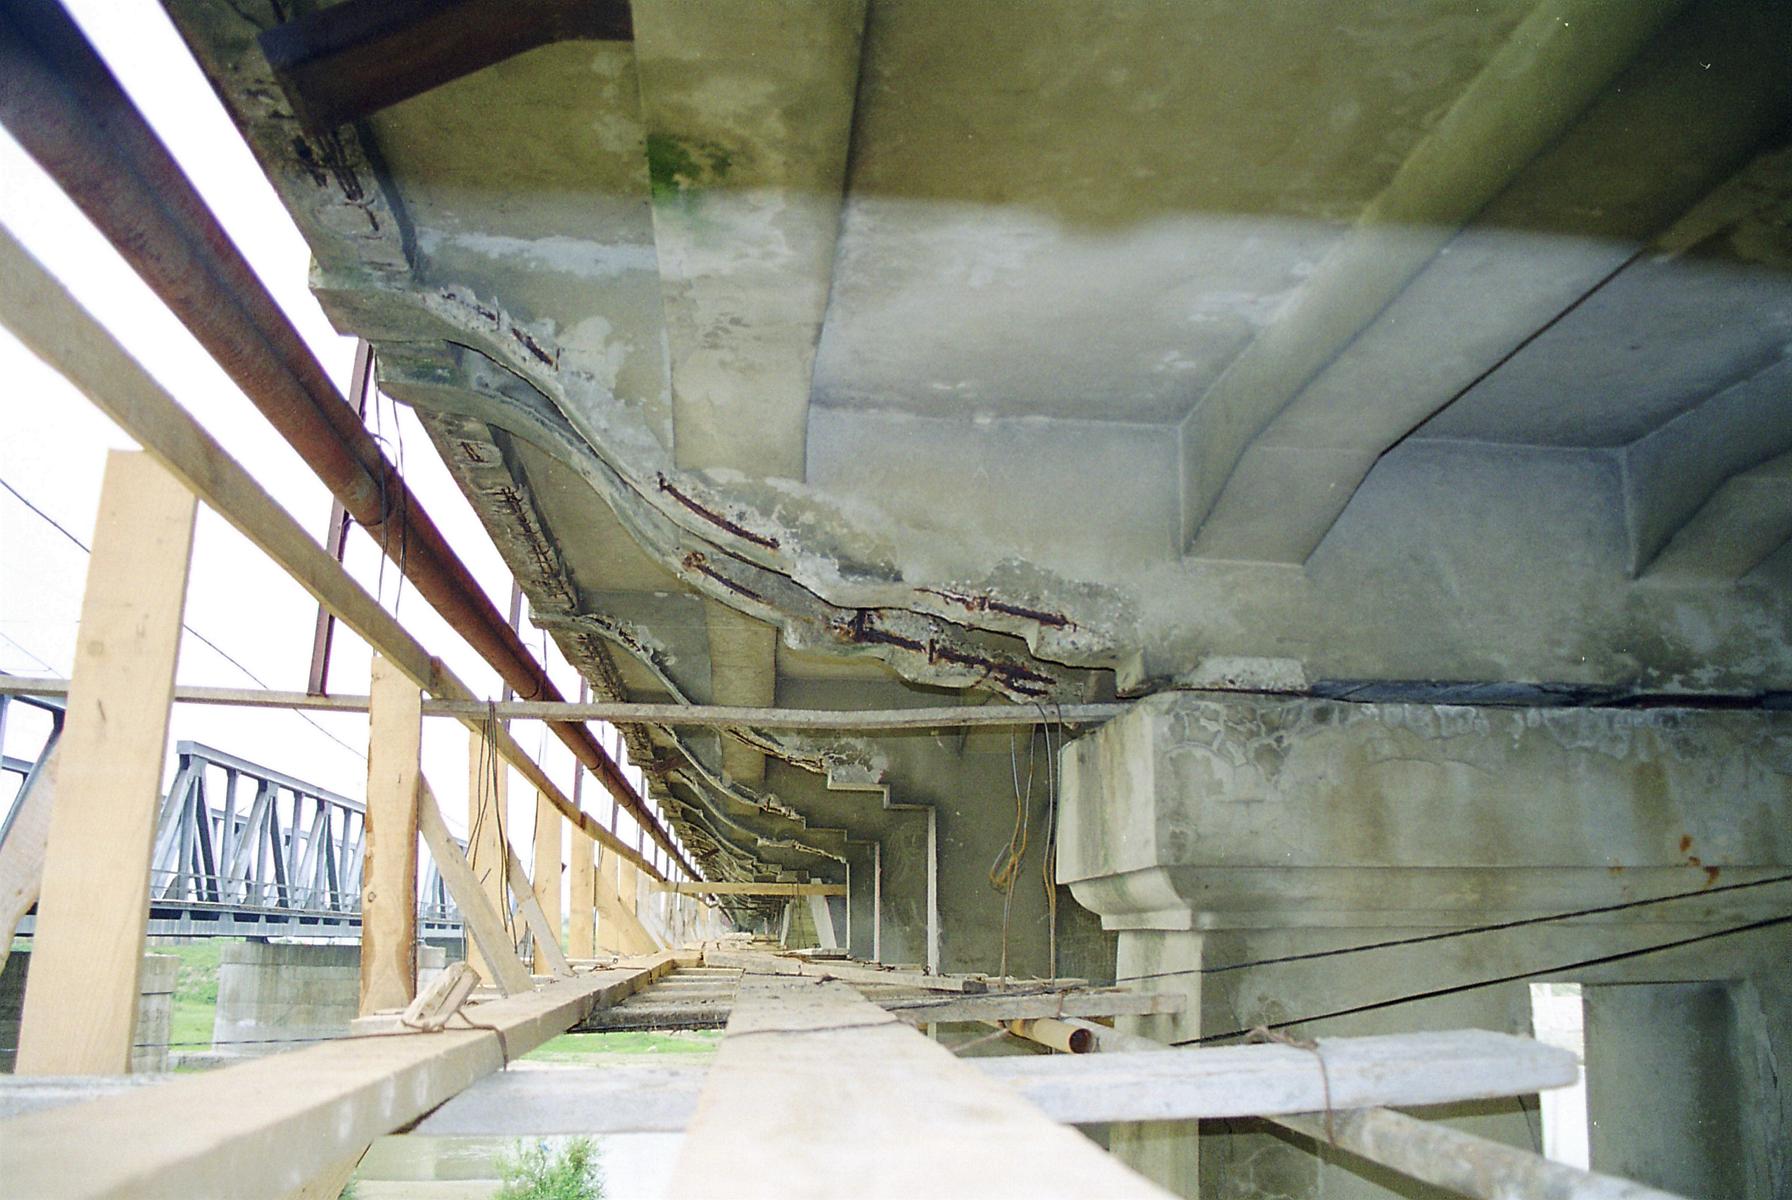 Reparatii pod peste raul Siret MAPEI - Poza 4